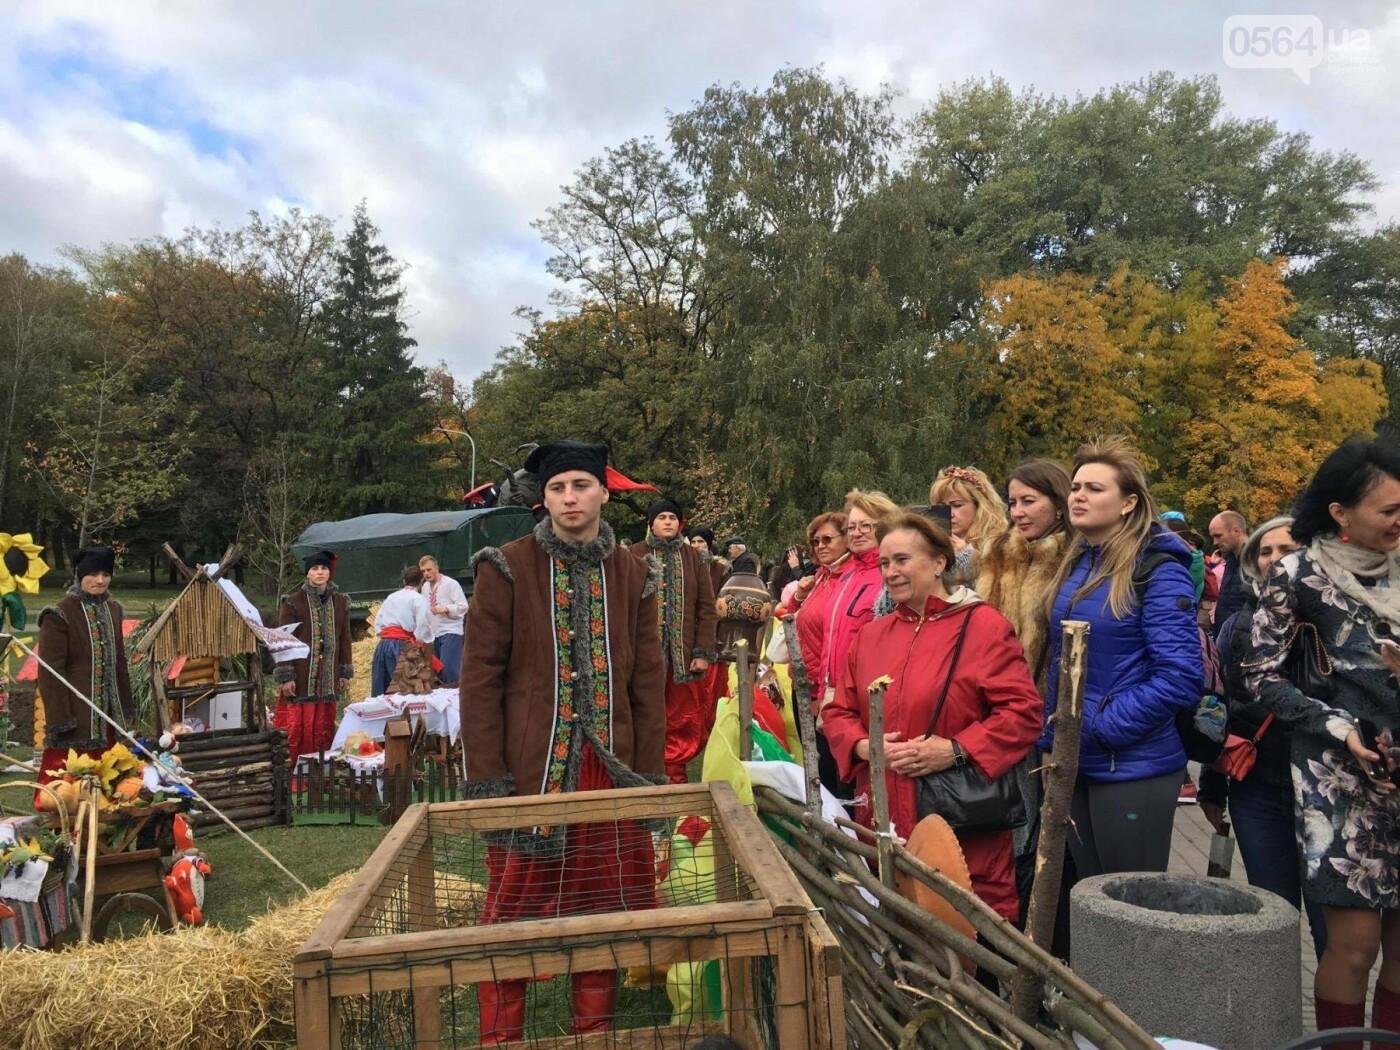 Тысячи криворожан отмечают День украинского козачества на Фестивале в парке Героев (ФОТО, ВИДЕО), фото-26